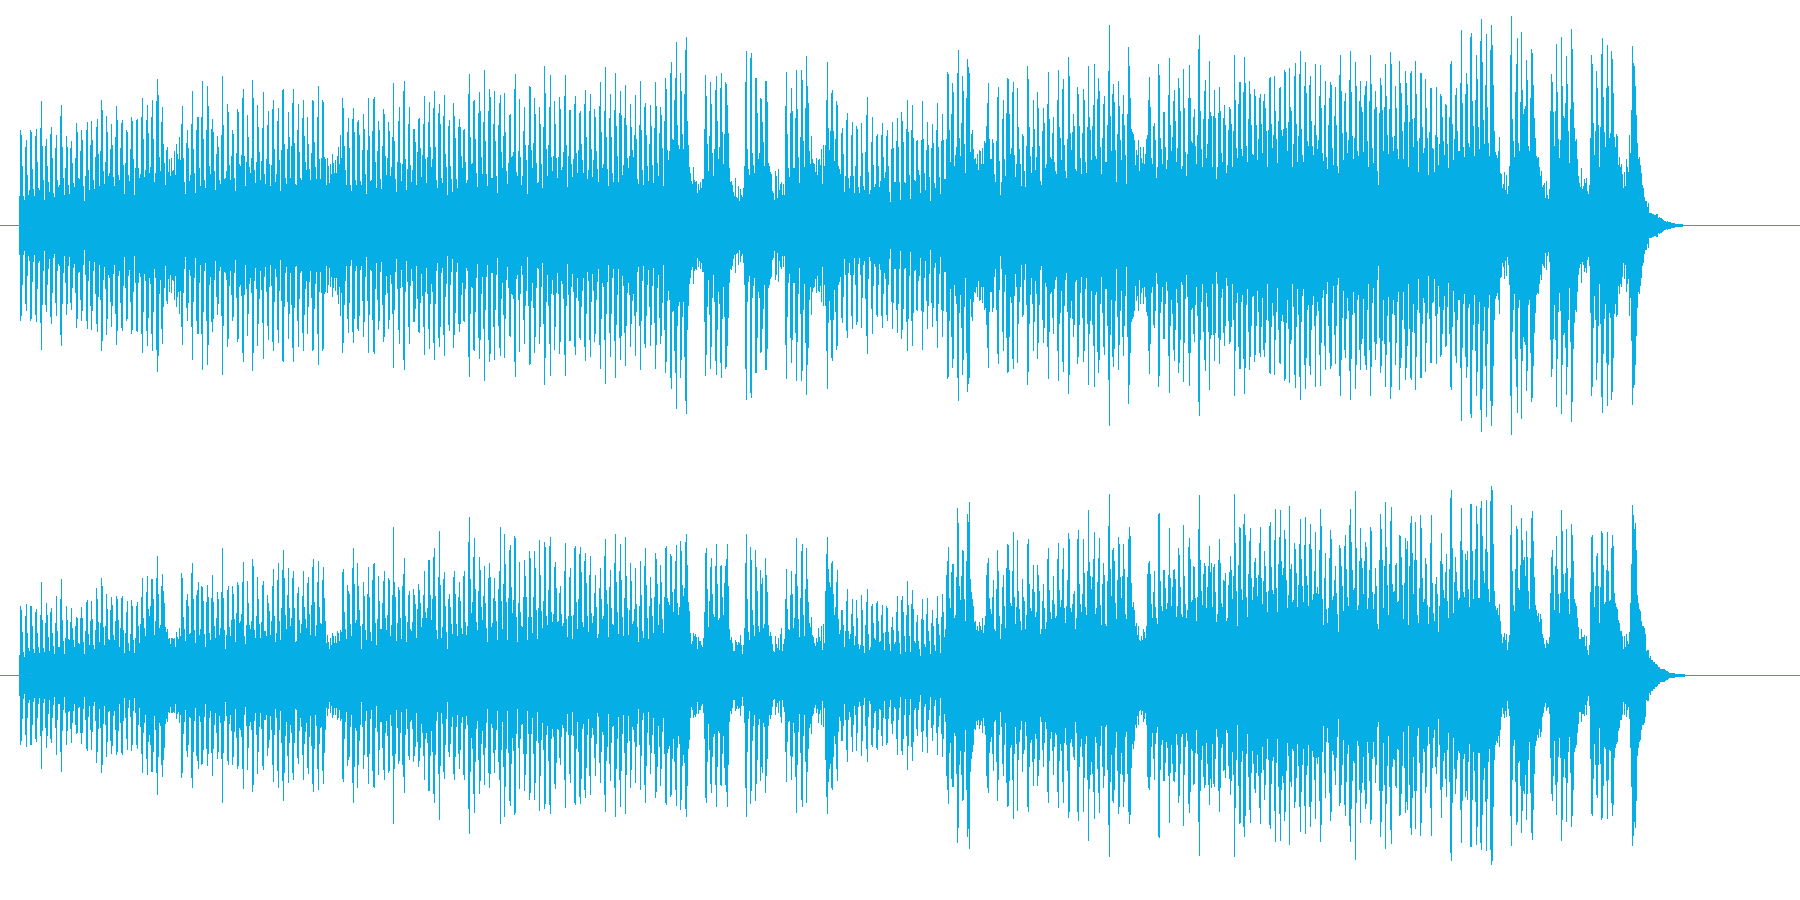 オリジナル・ストリングの弦楽四重奏の再生済みの波形